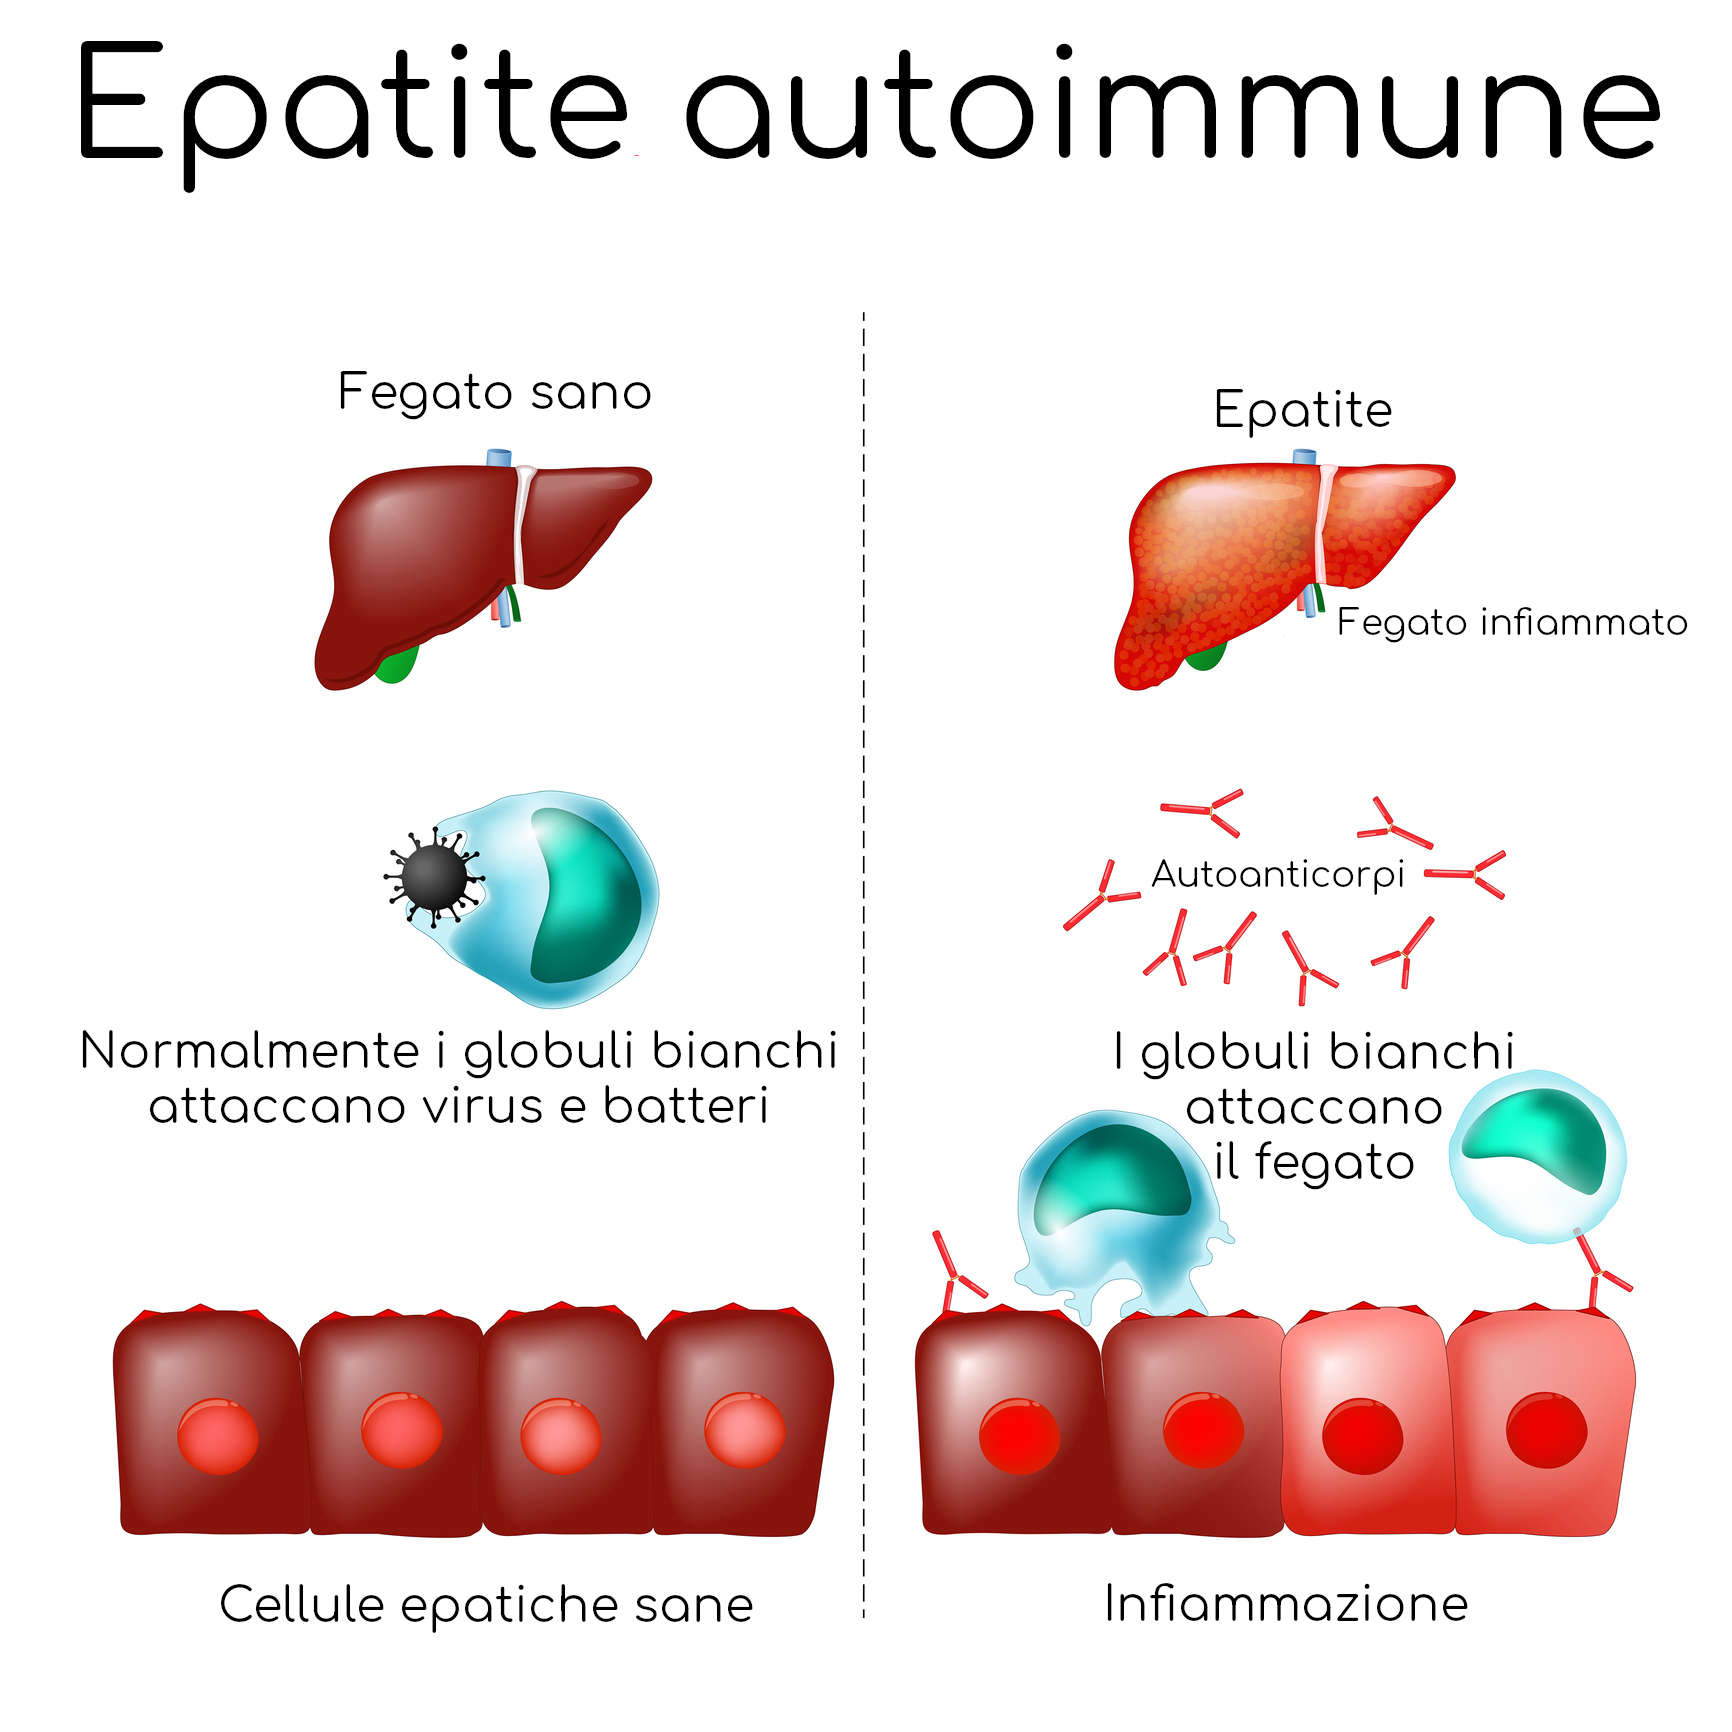 Semplificazione del meccanismo cellulare di attacco delle cellule epatiche nell'epatite autoimmune